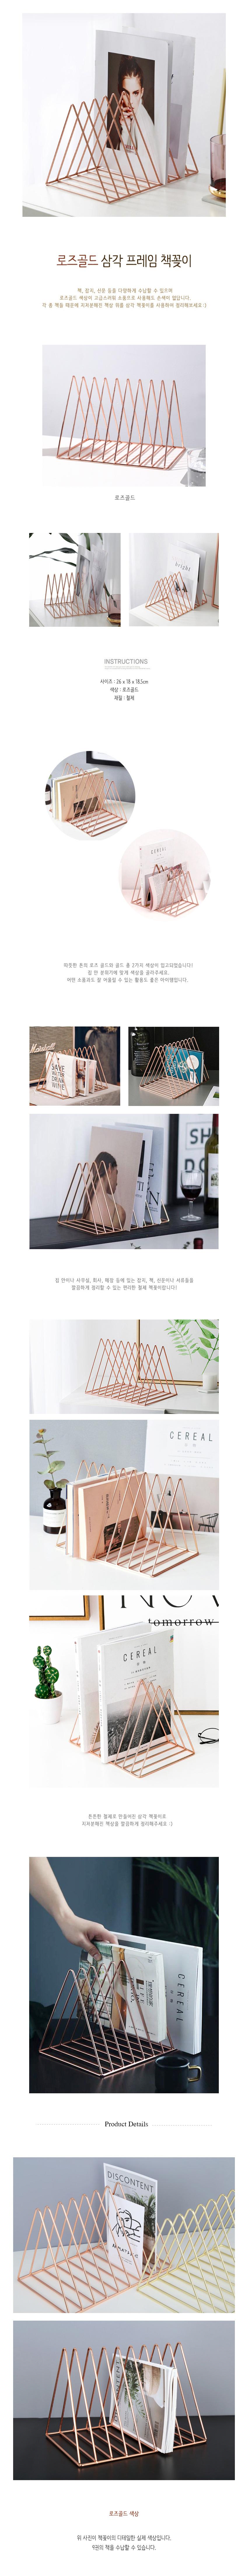 철제 삼각 프레임 책꽂이 - 진바스, 9,000원, 책장/서재수납, 책꽂이